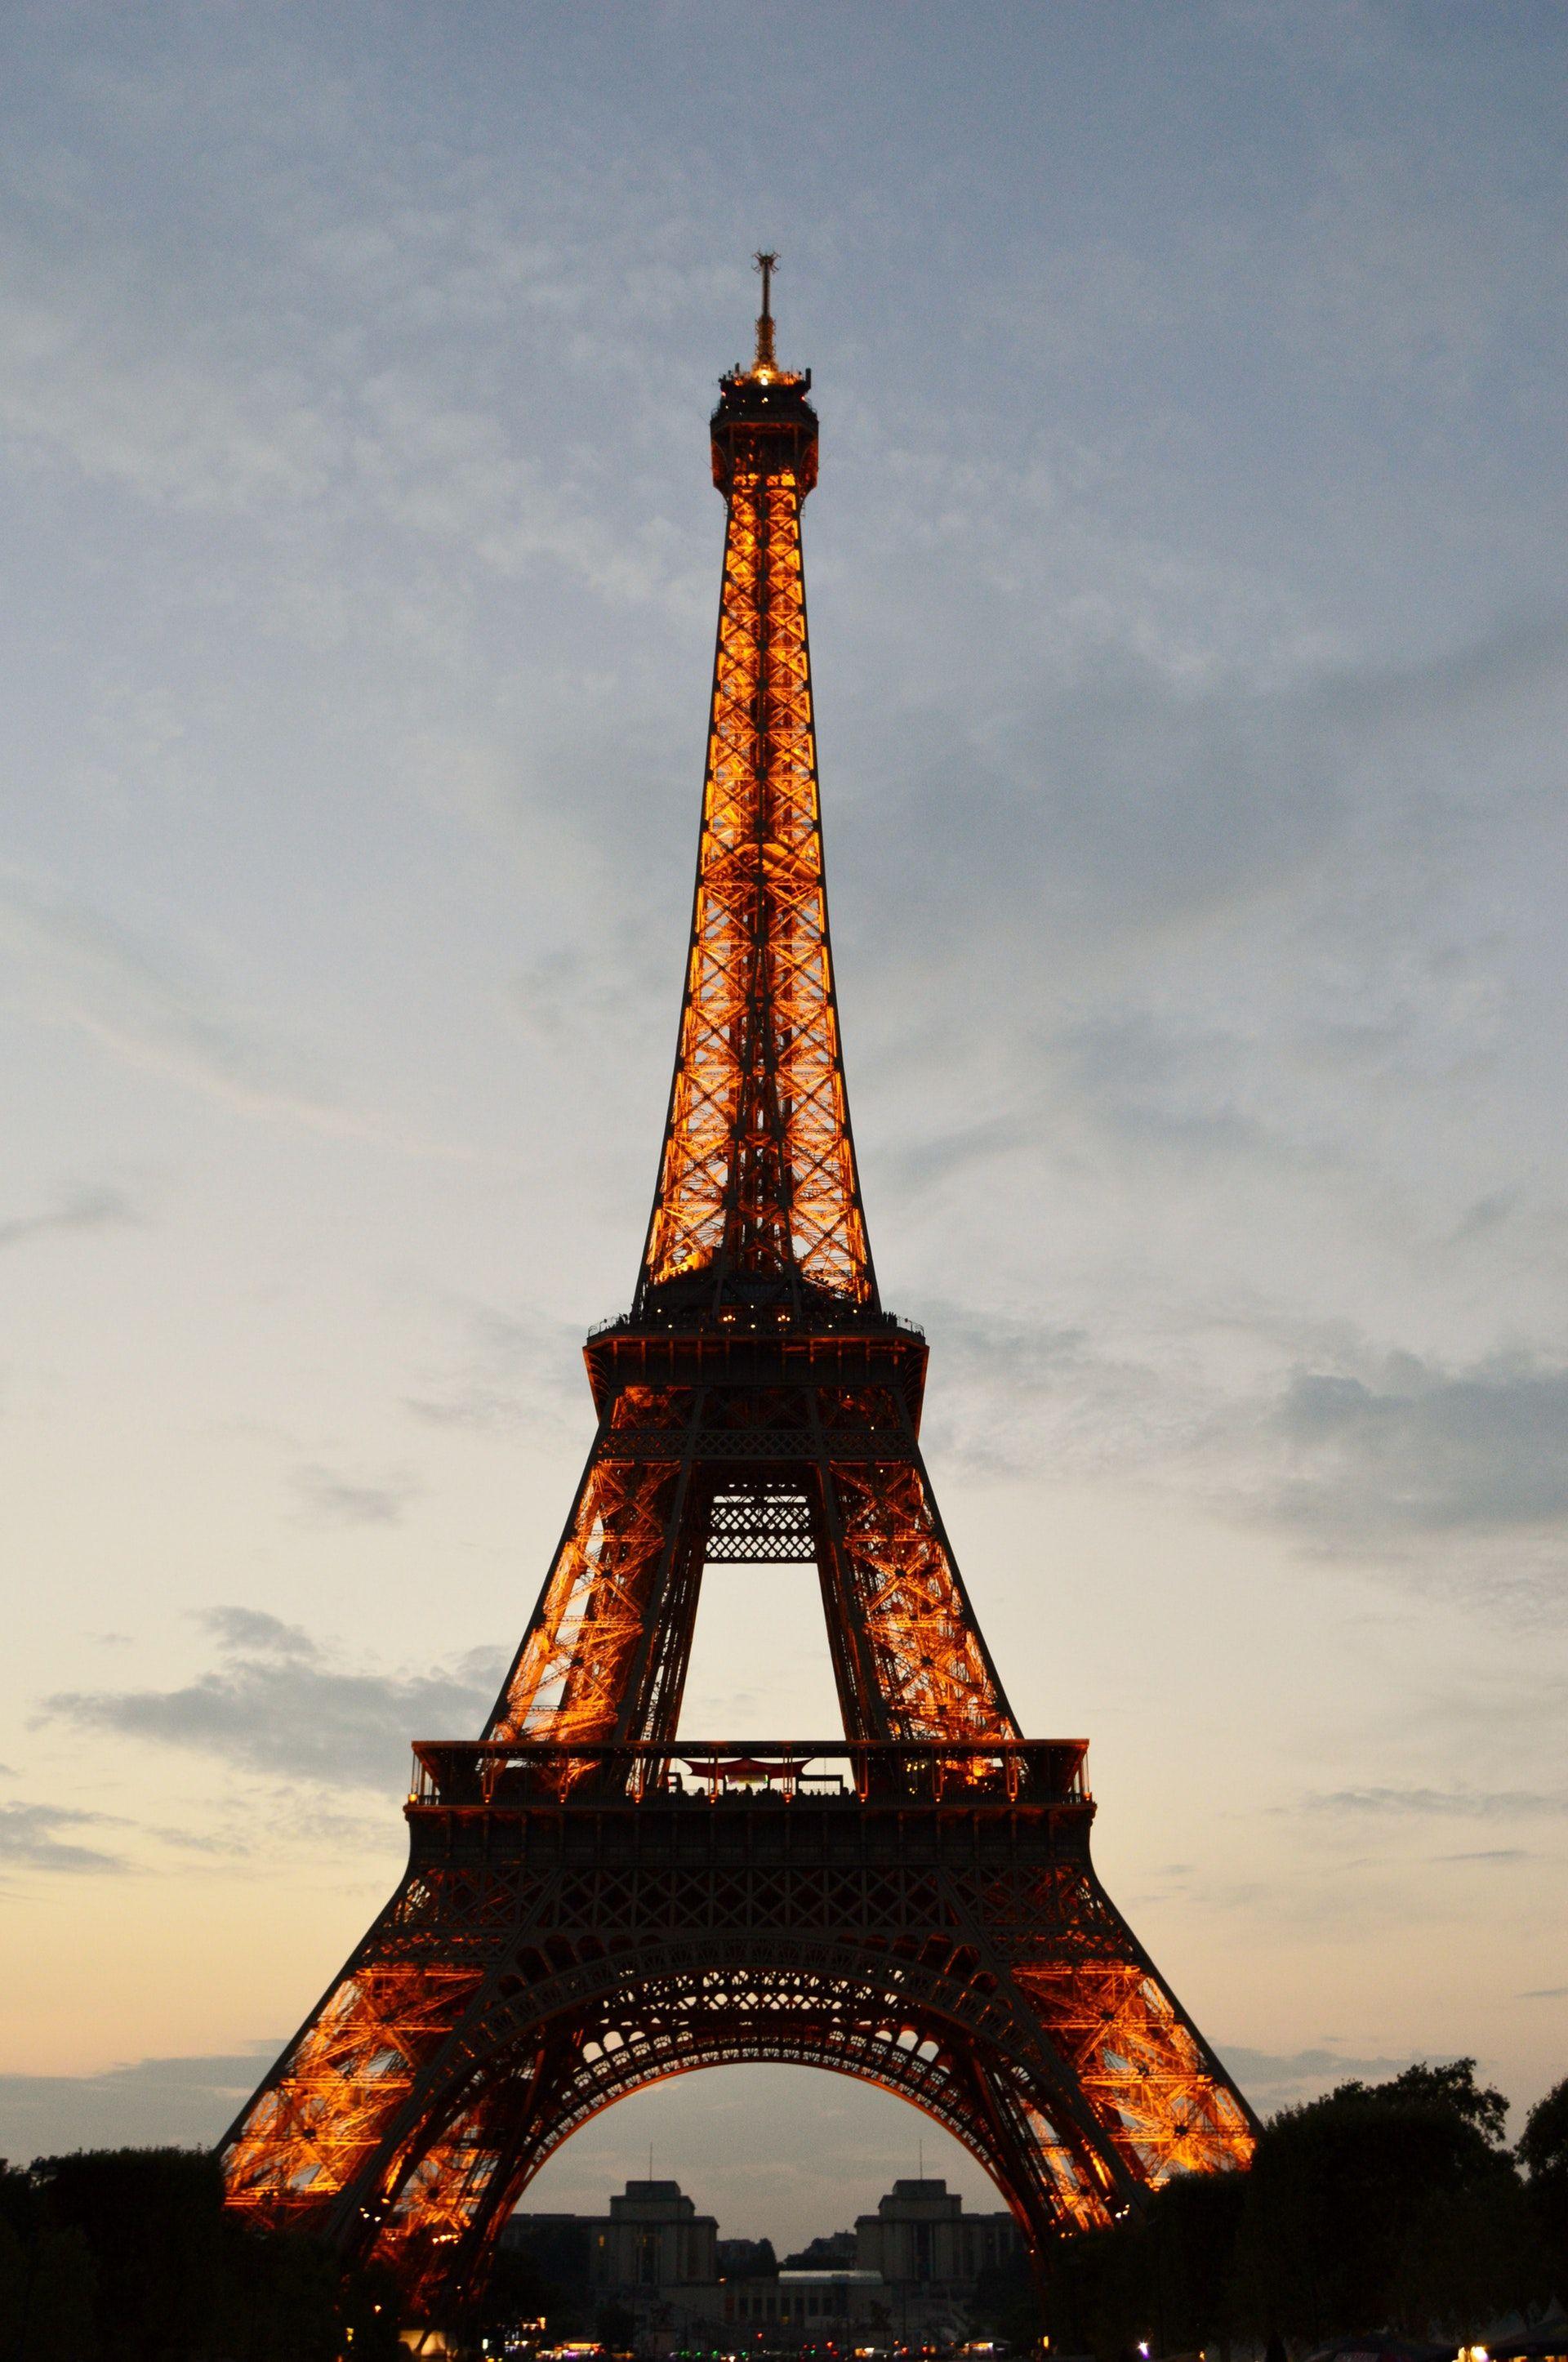 عکس زمینه برج ایفل روشن در روز پس زمینه